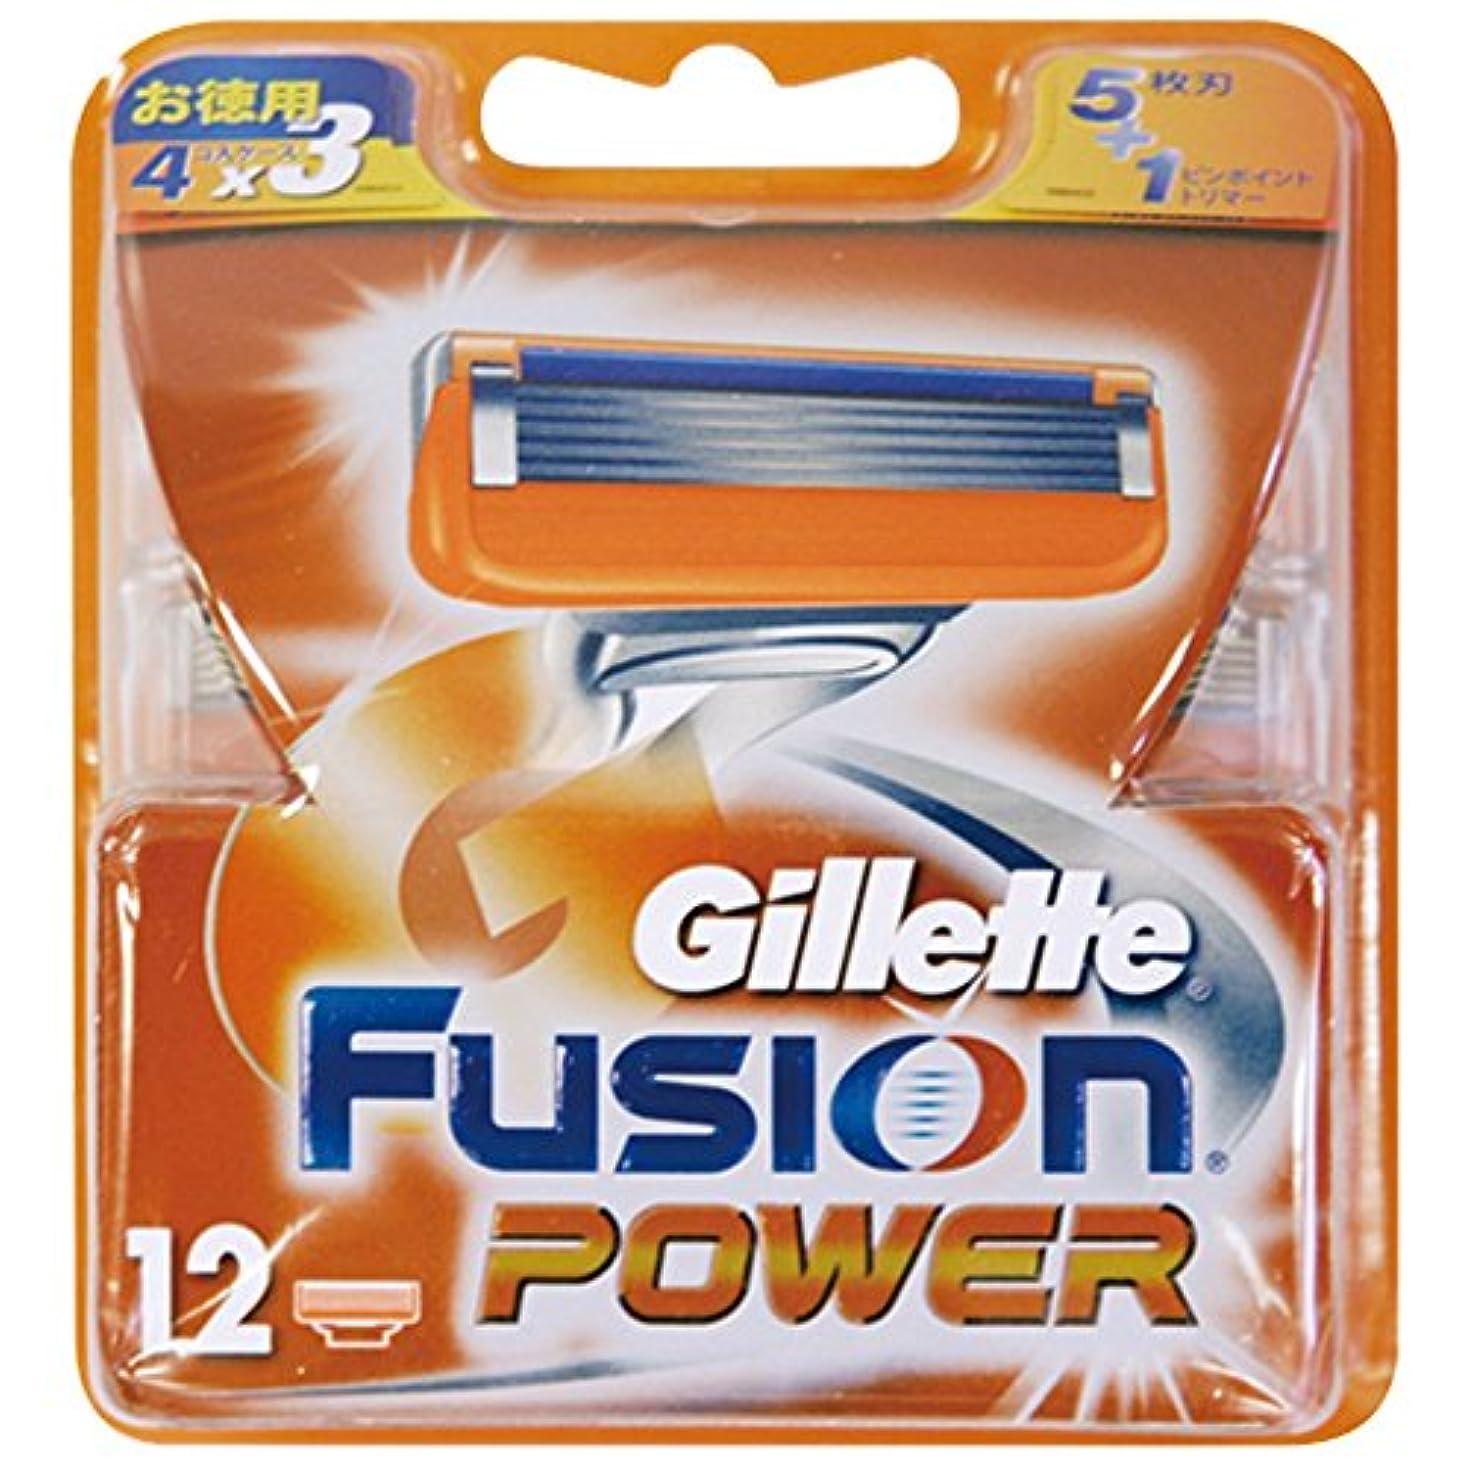 光の対称尾ジレット 髭剃り フュージョン 5+1 パワー 替刃12個入